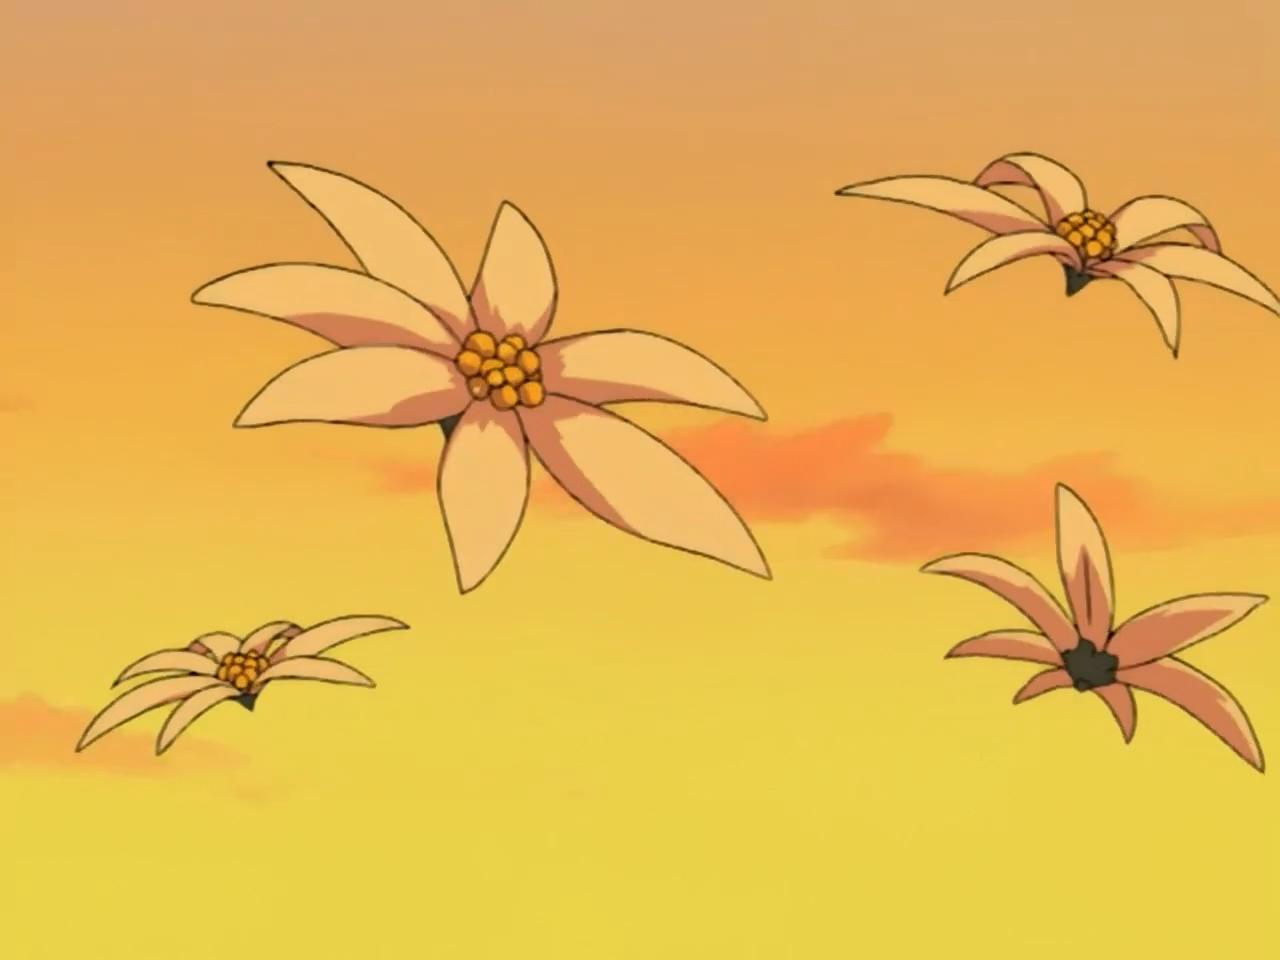 Arte Ninja de Flor